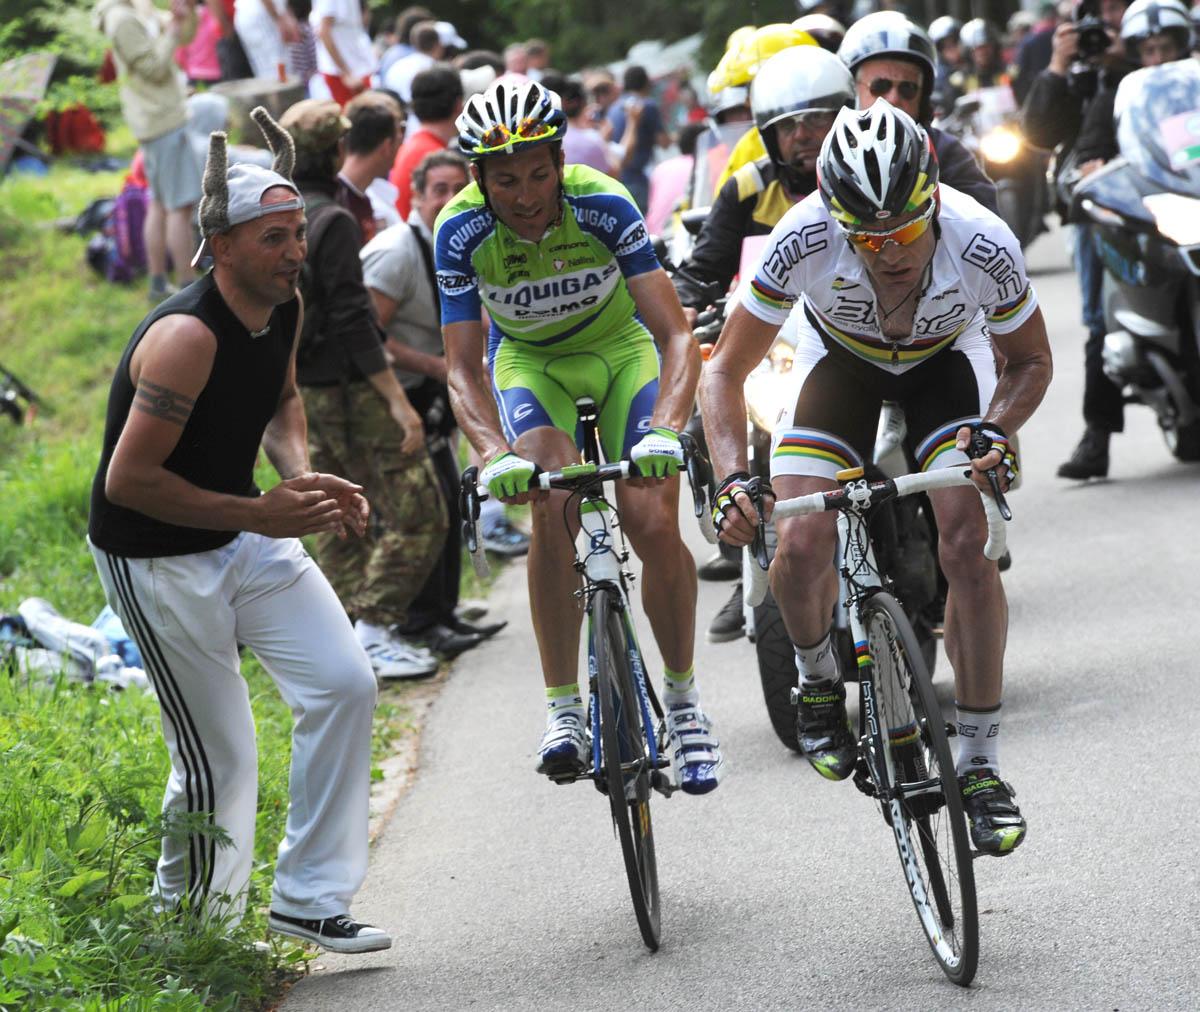 Ivan Basso and Cadel Evans, Giro d'Italia 2010, stage 15Giro d'Italia 2010, stage 15